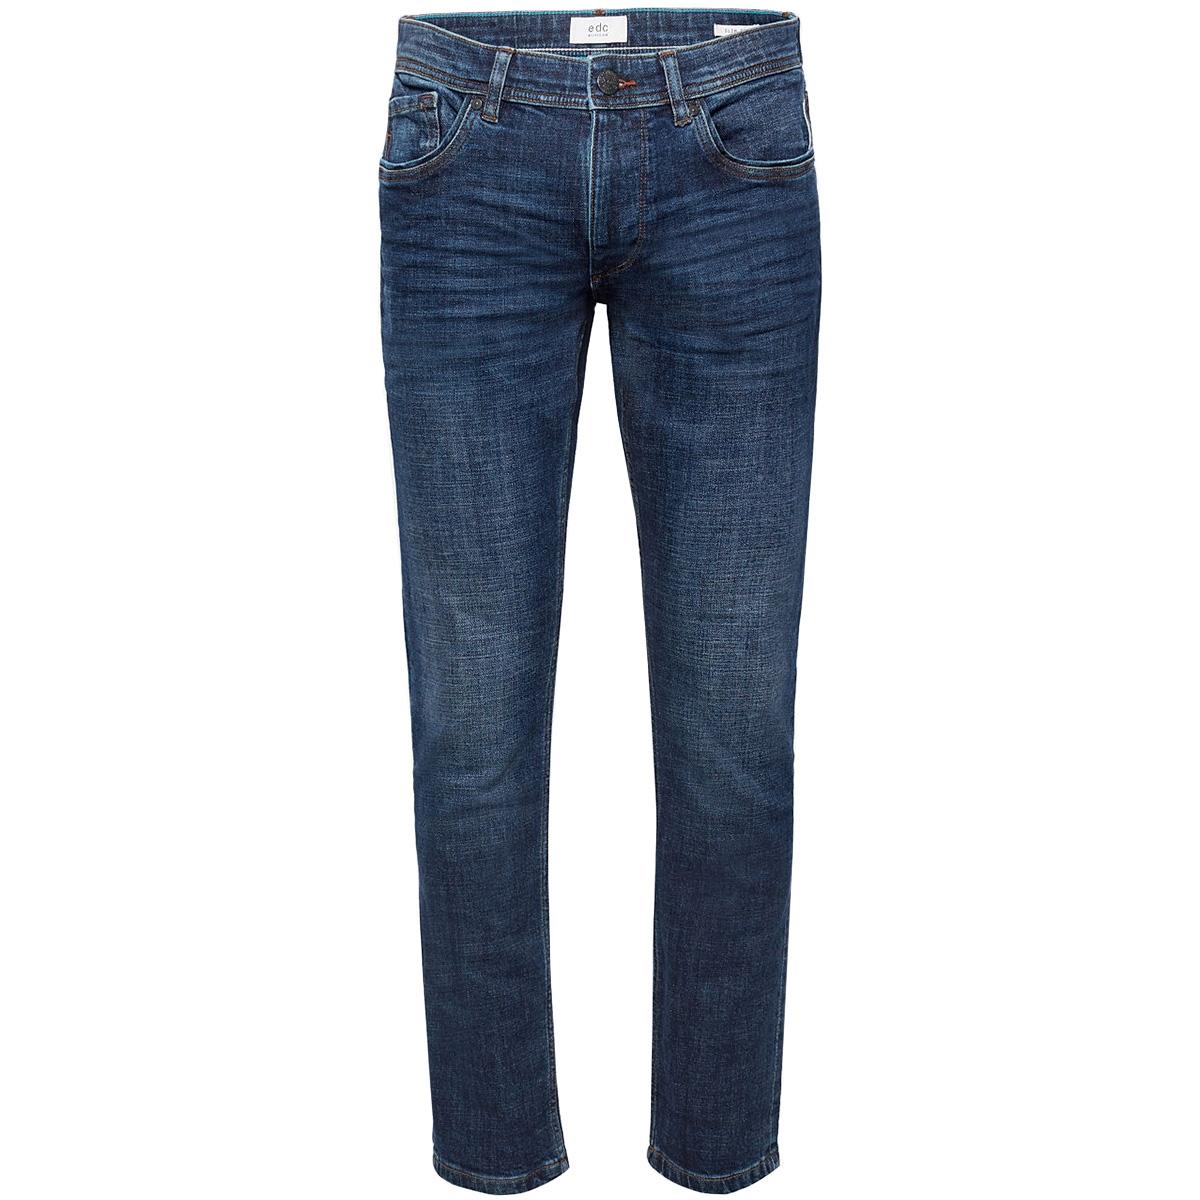 118cc2b006 edc jeans 901